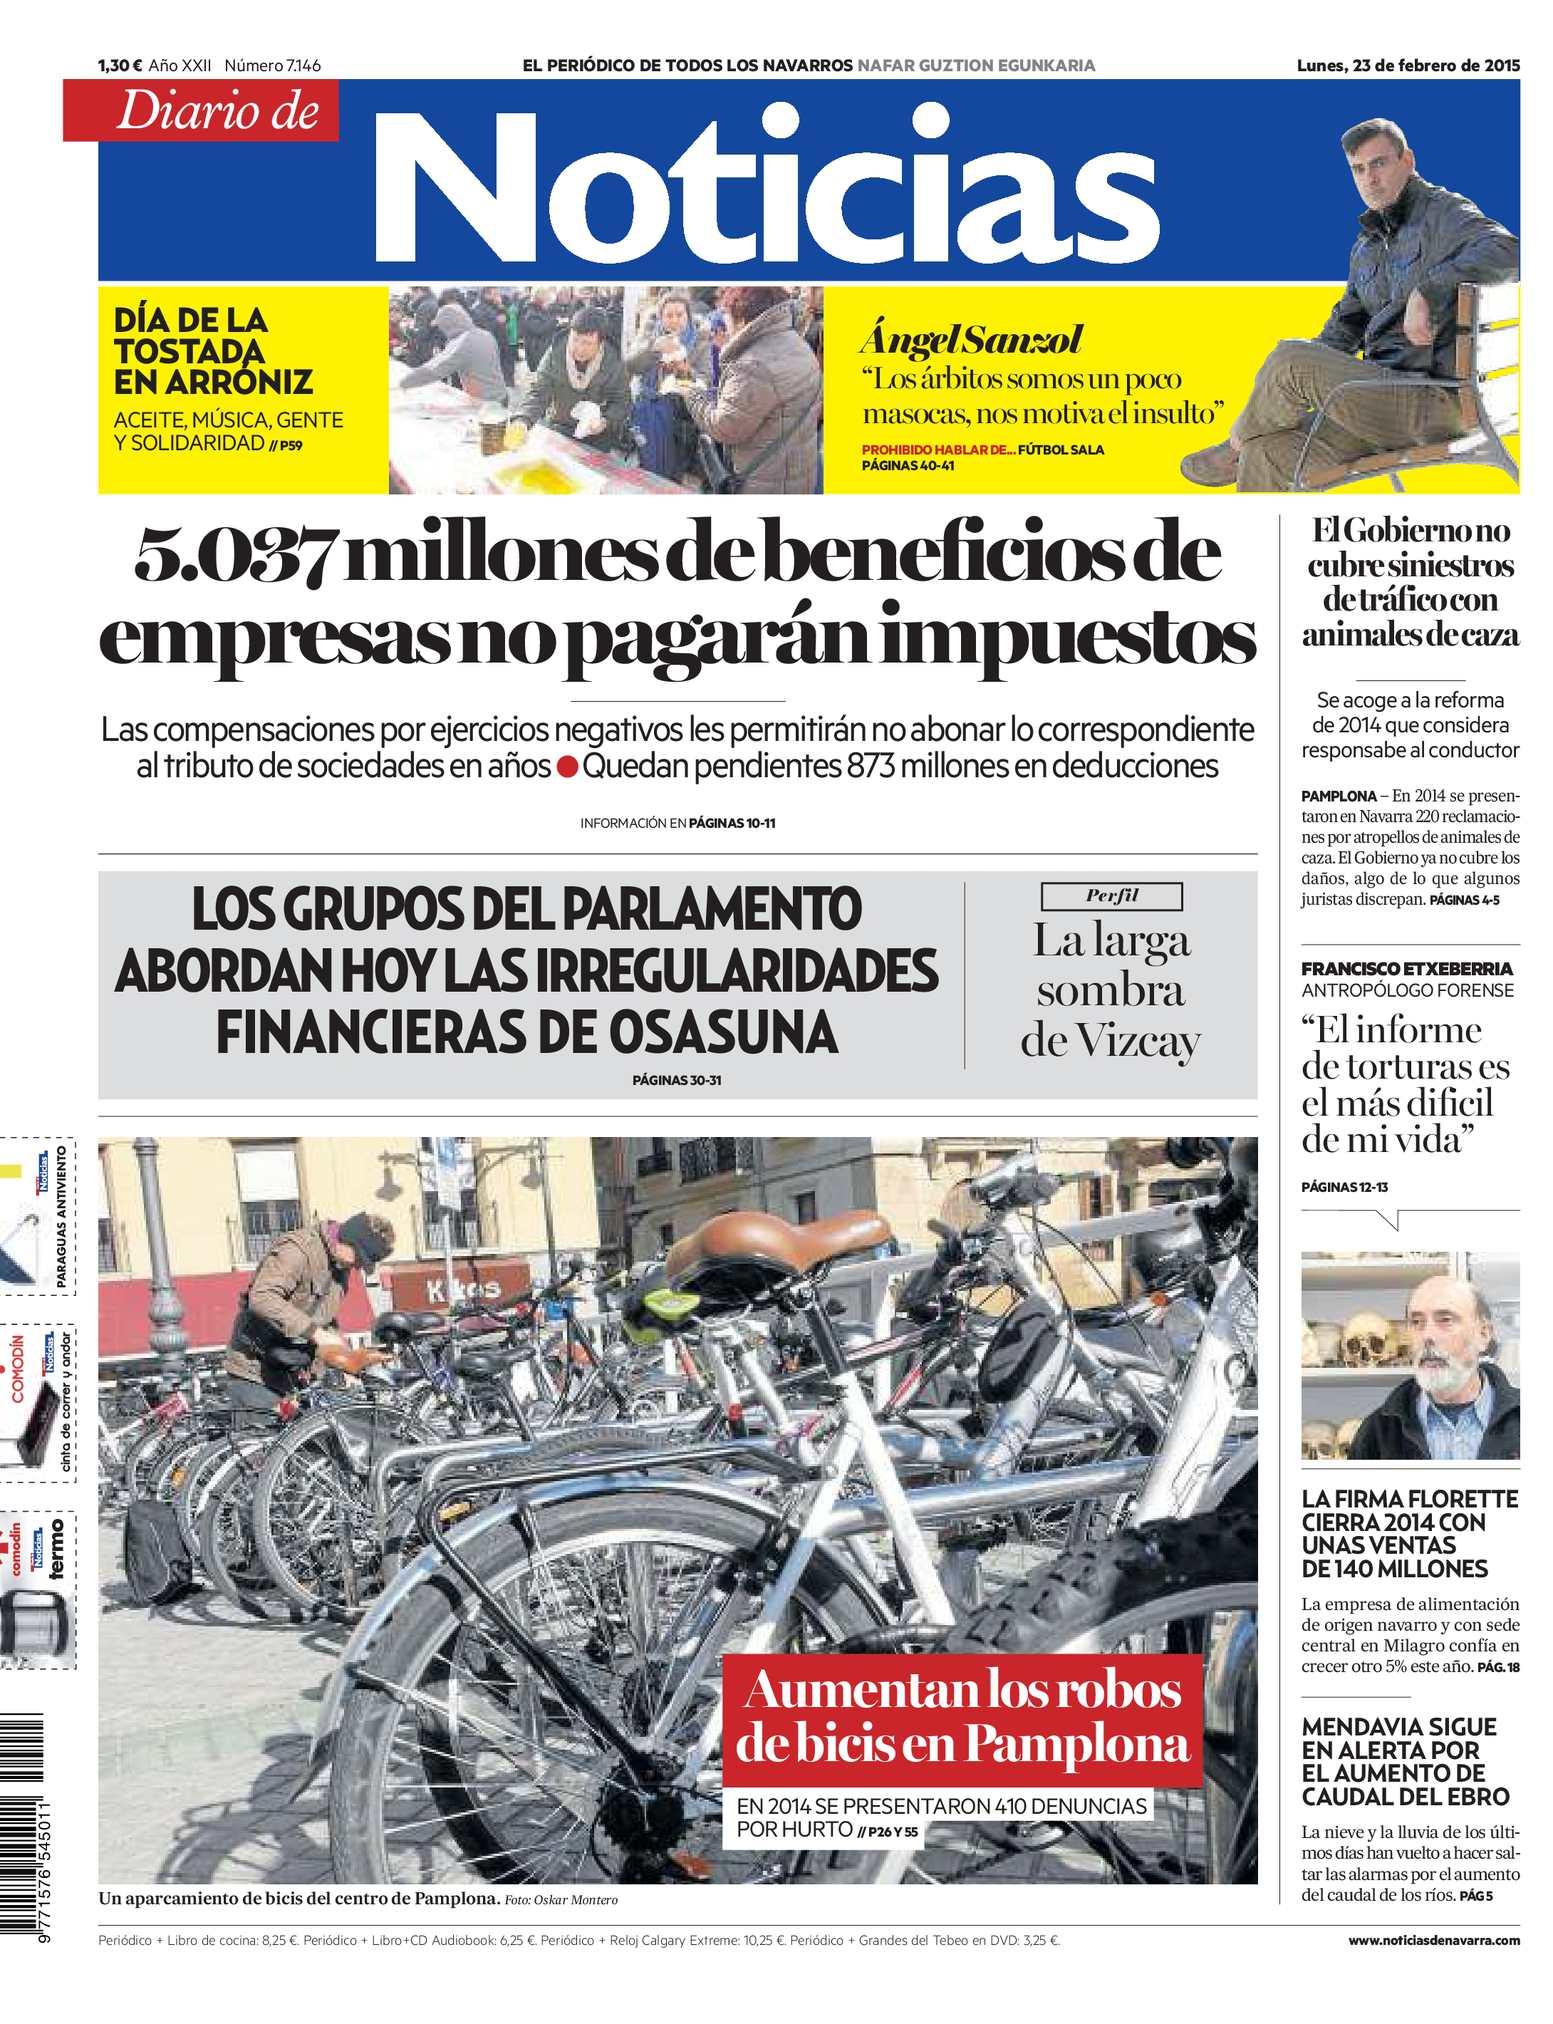 591b1219c09 Calaméo - Diario de Noticias 20150223